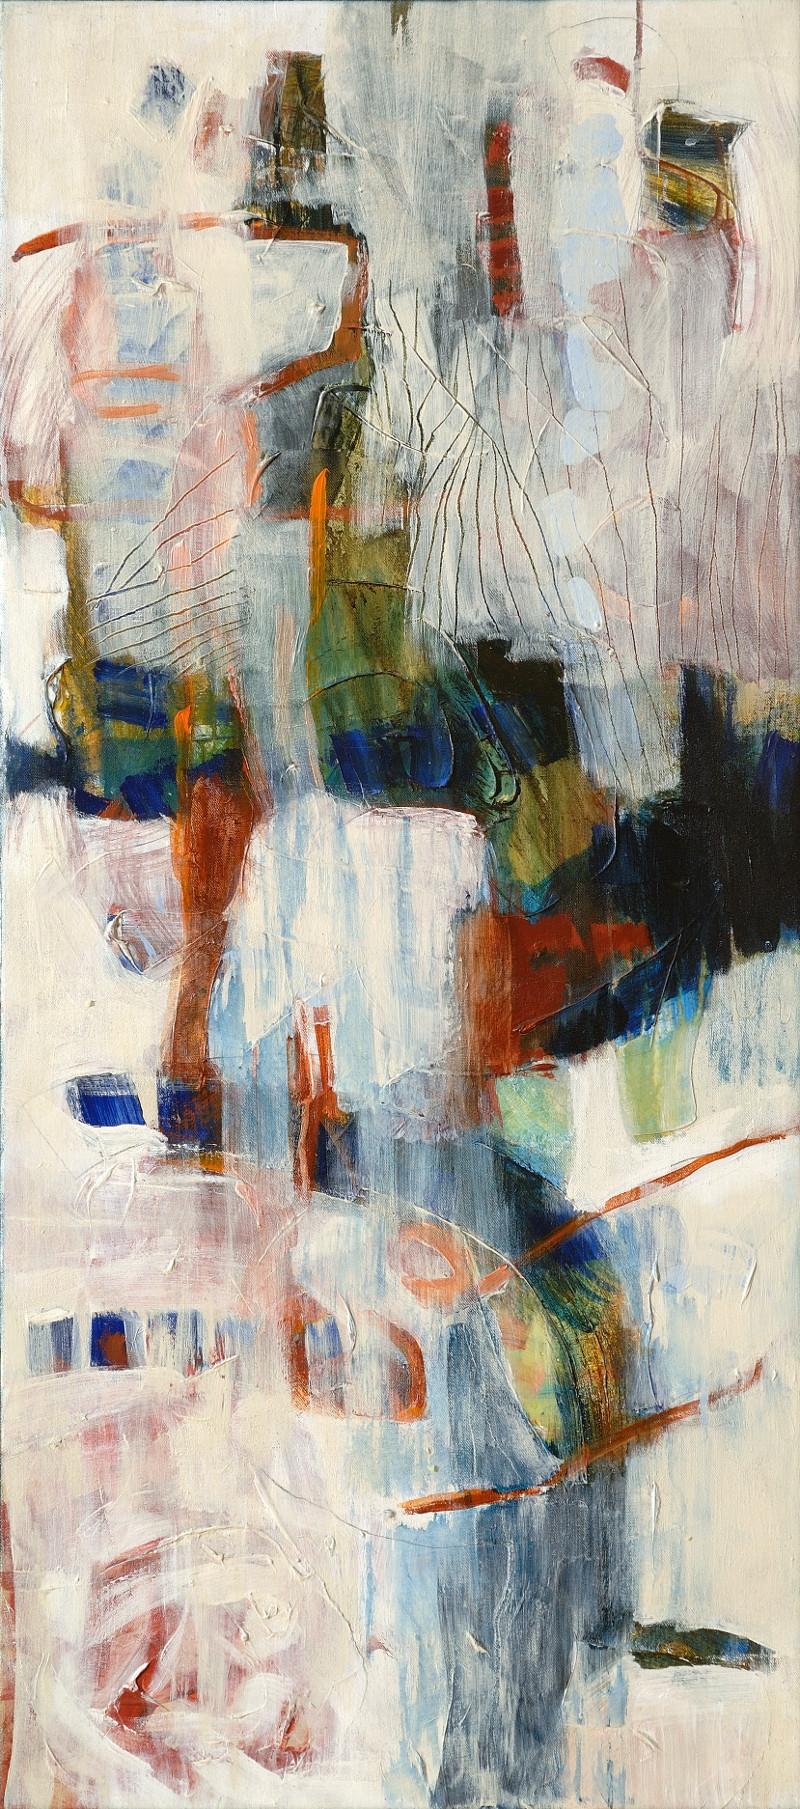 Blanc et lignes orange 2, 2006